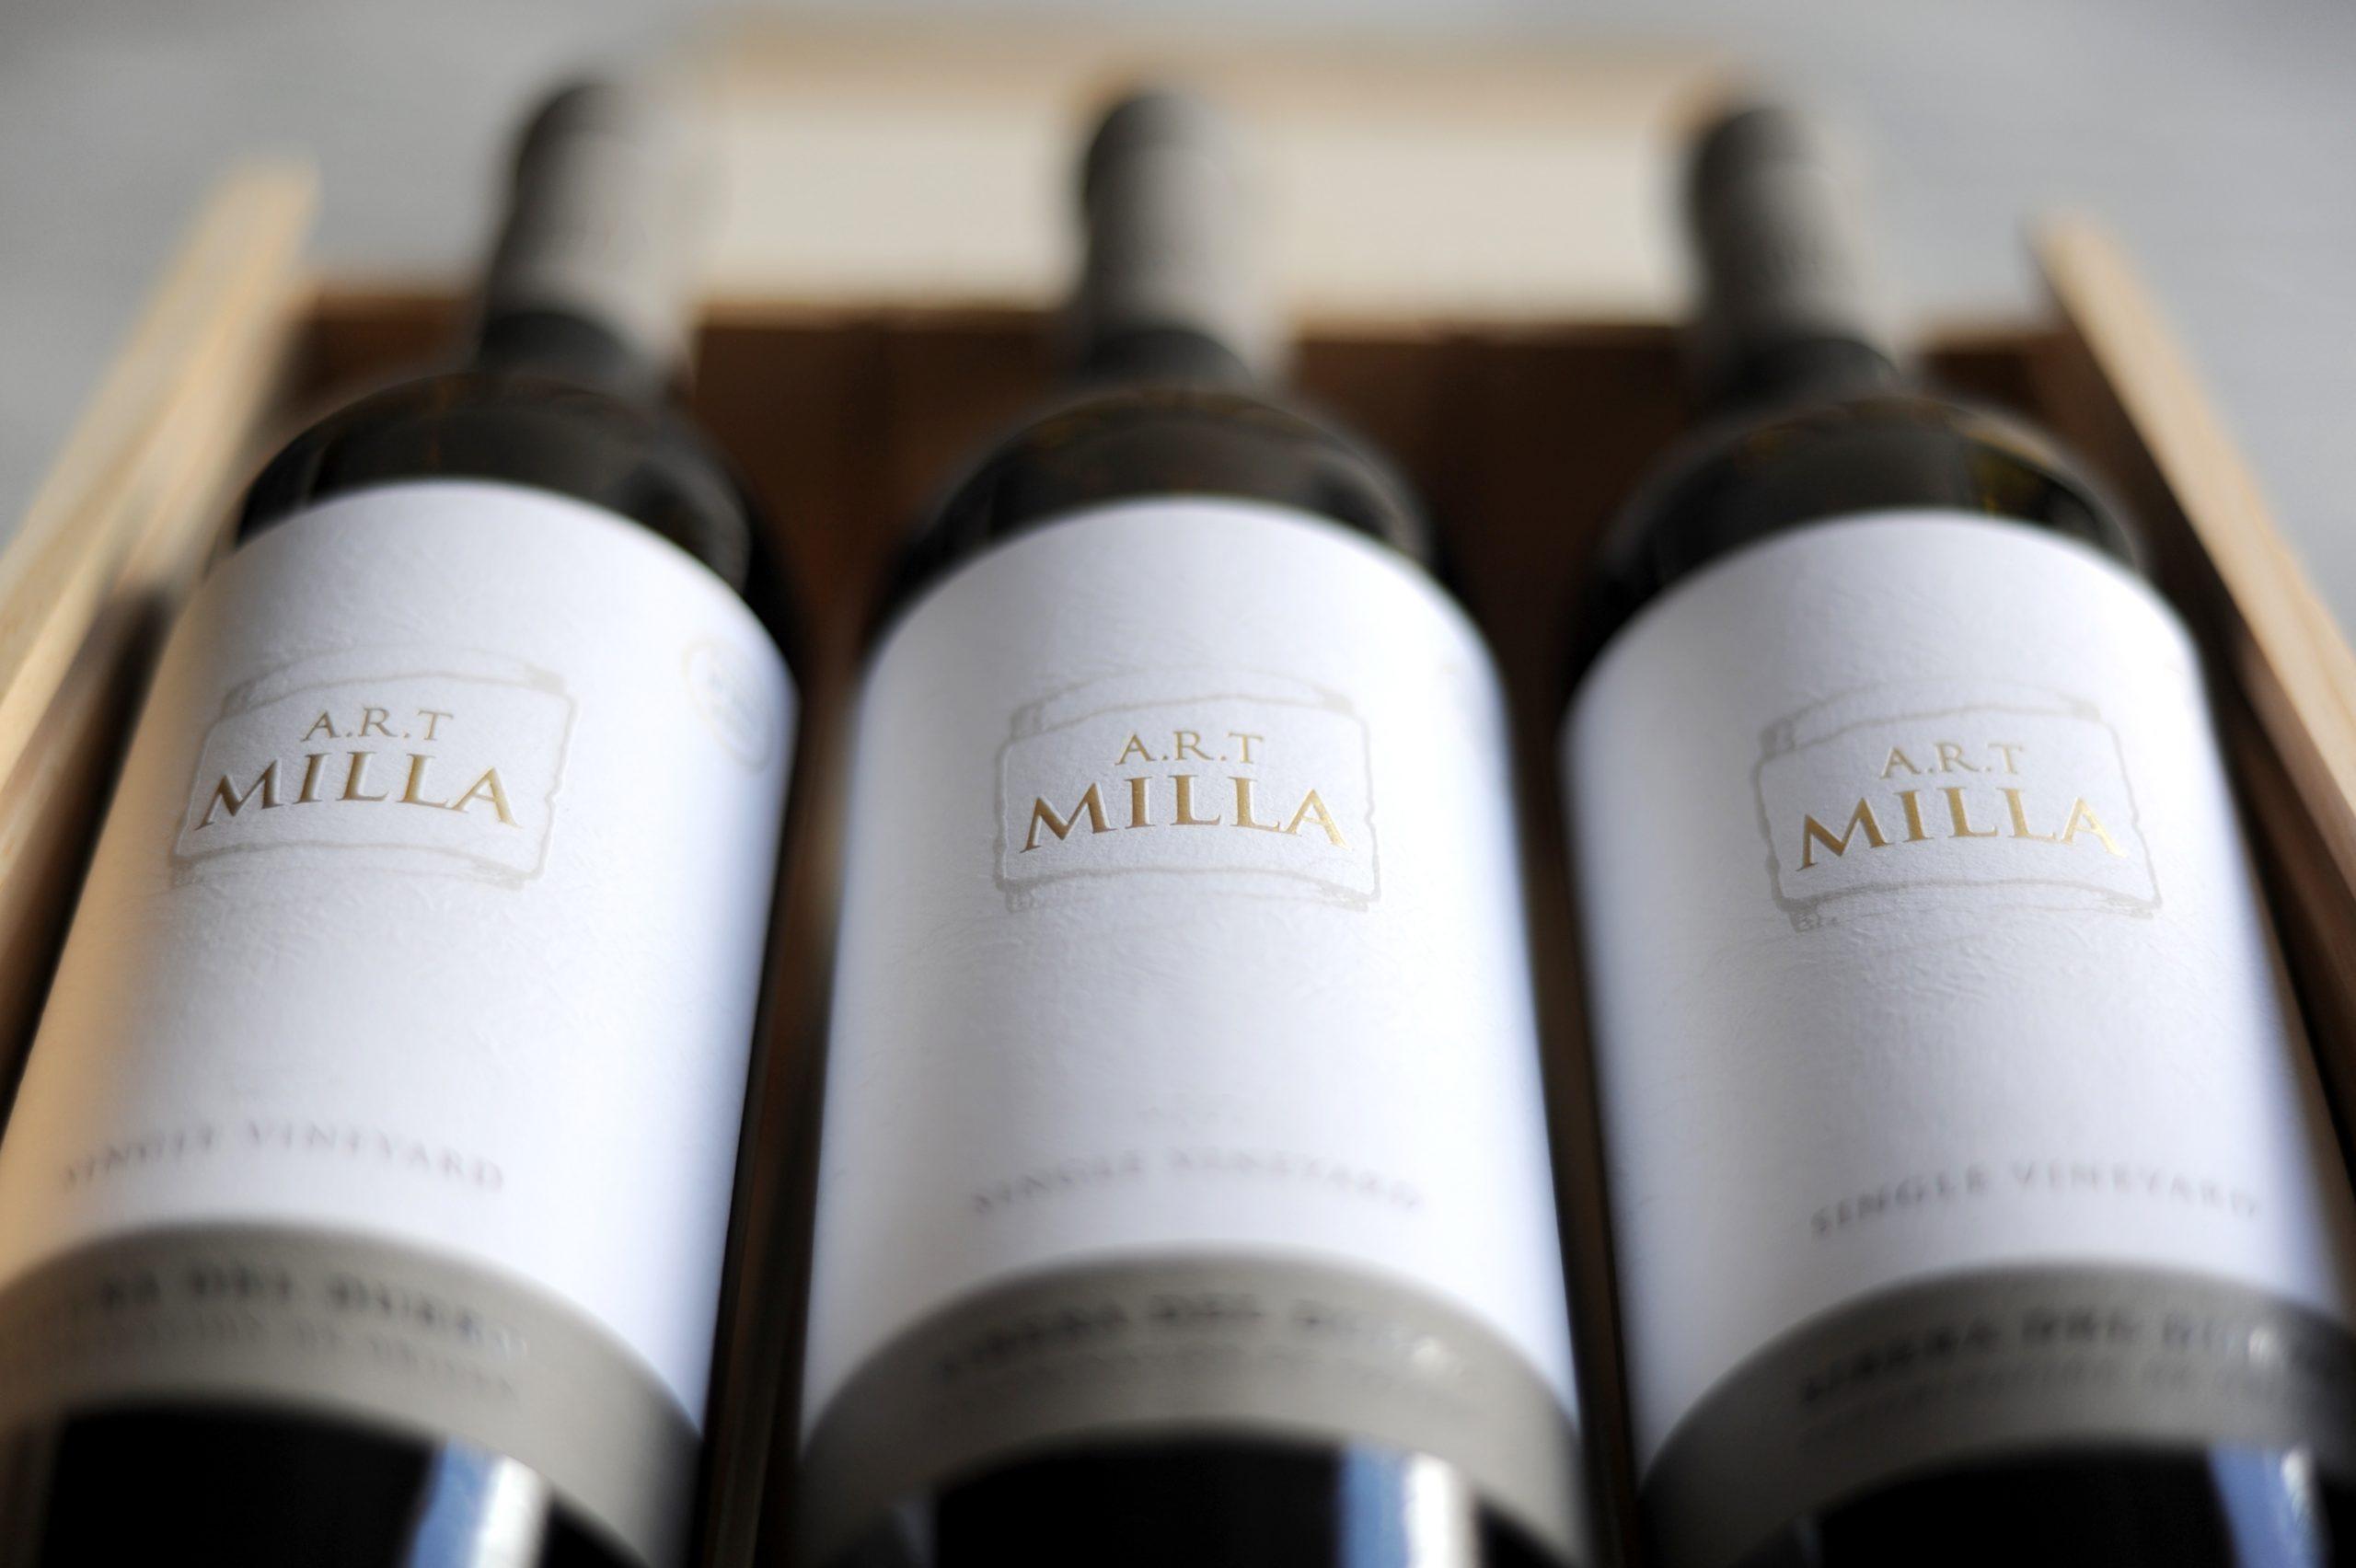 Botellas A.R.T Milla